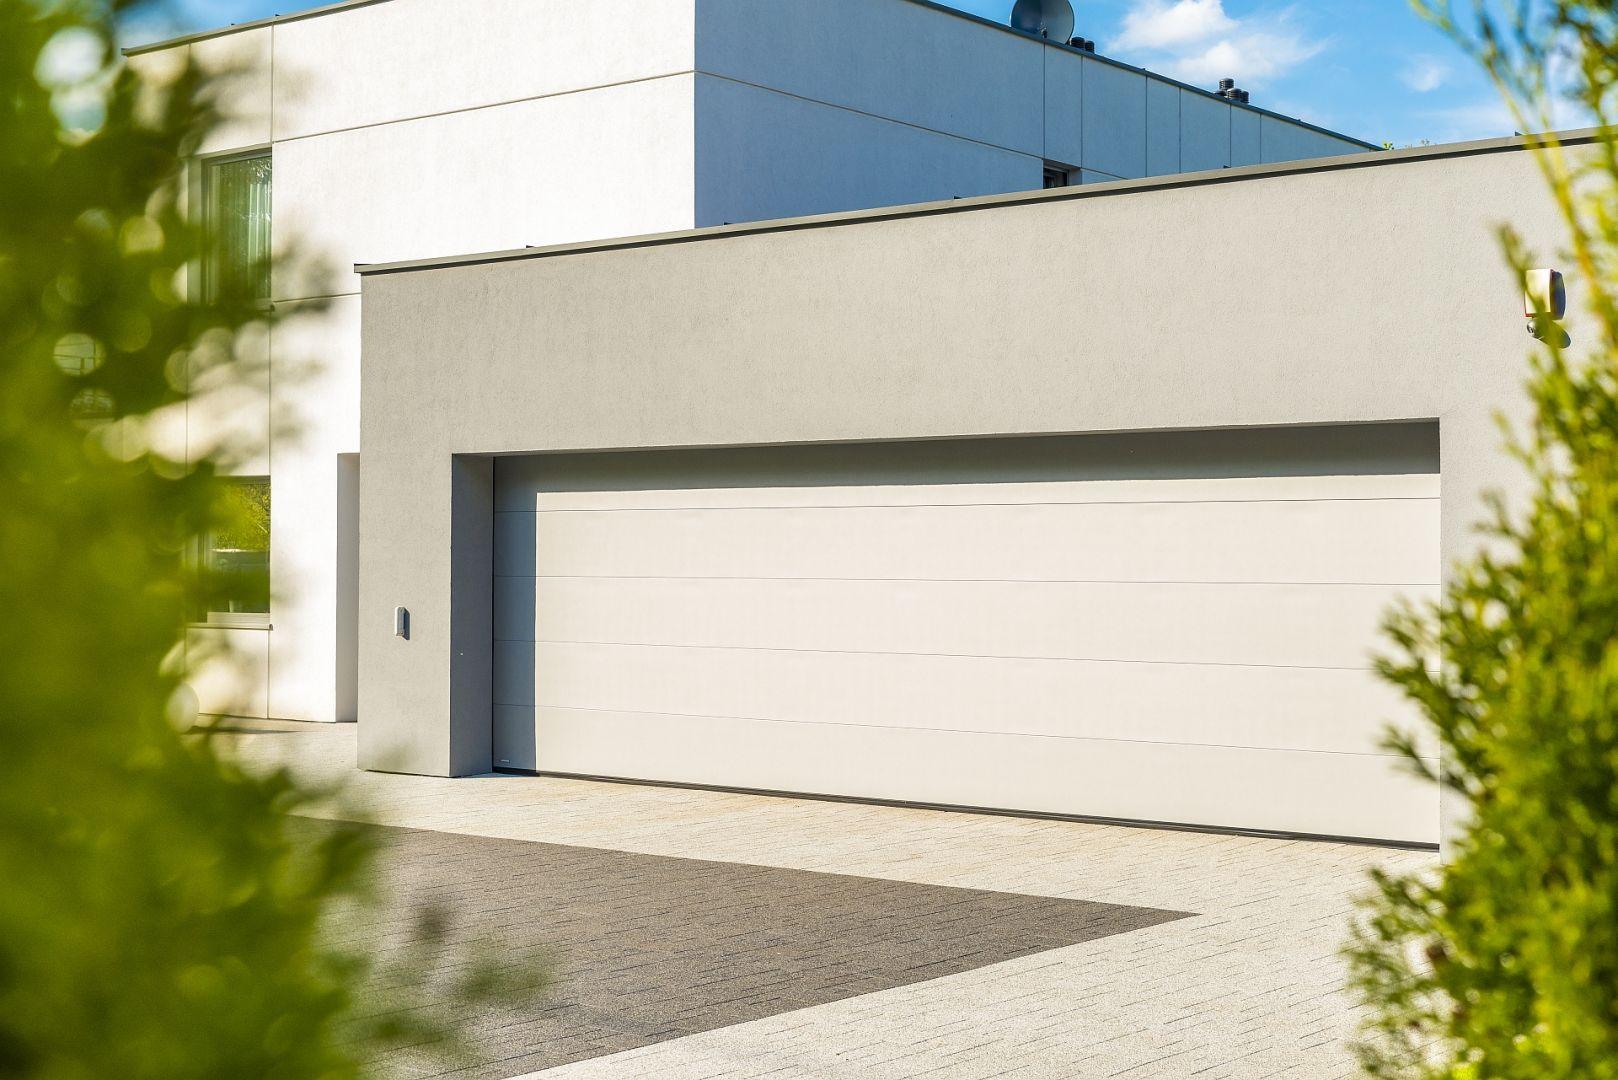 Segmentowa brama garażowa VENTE 60/Krispol. Produkt zgłoszony do konkursu Dobry Design 2020.